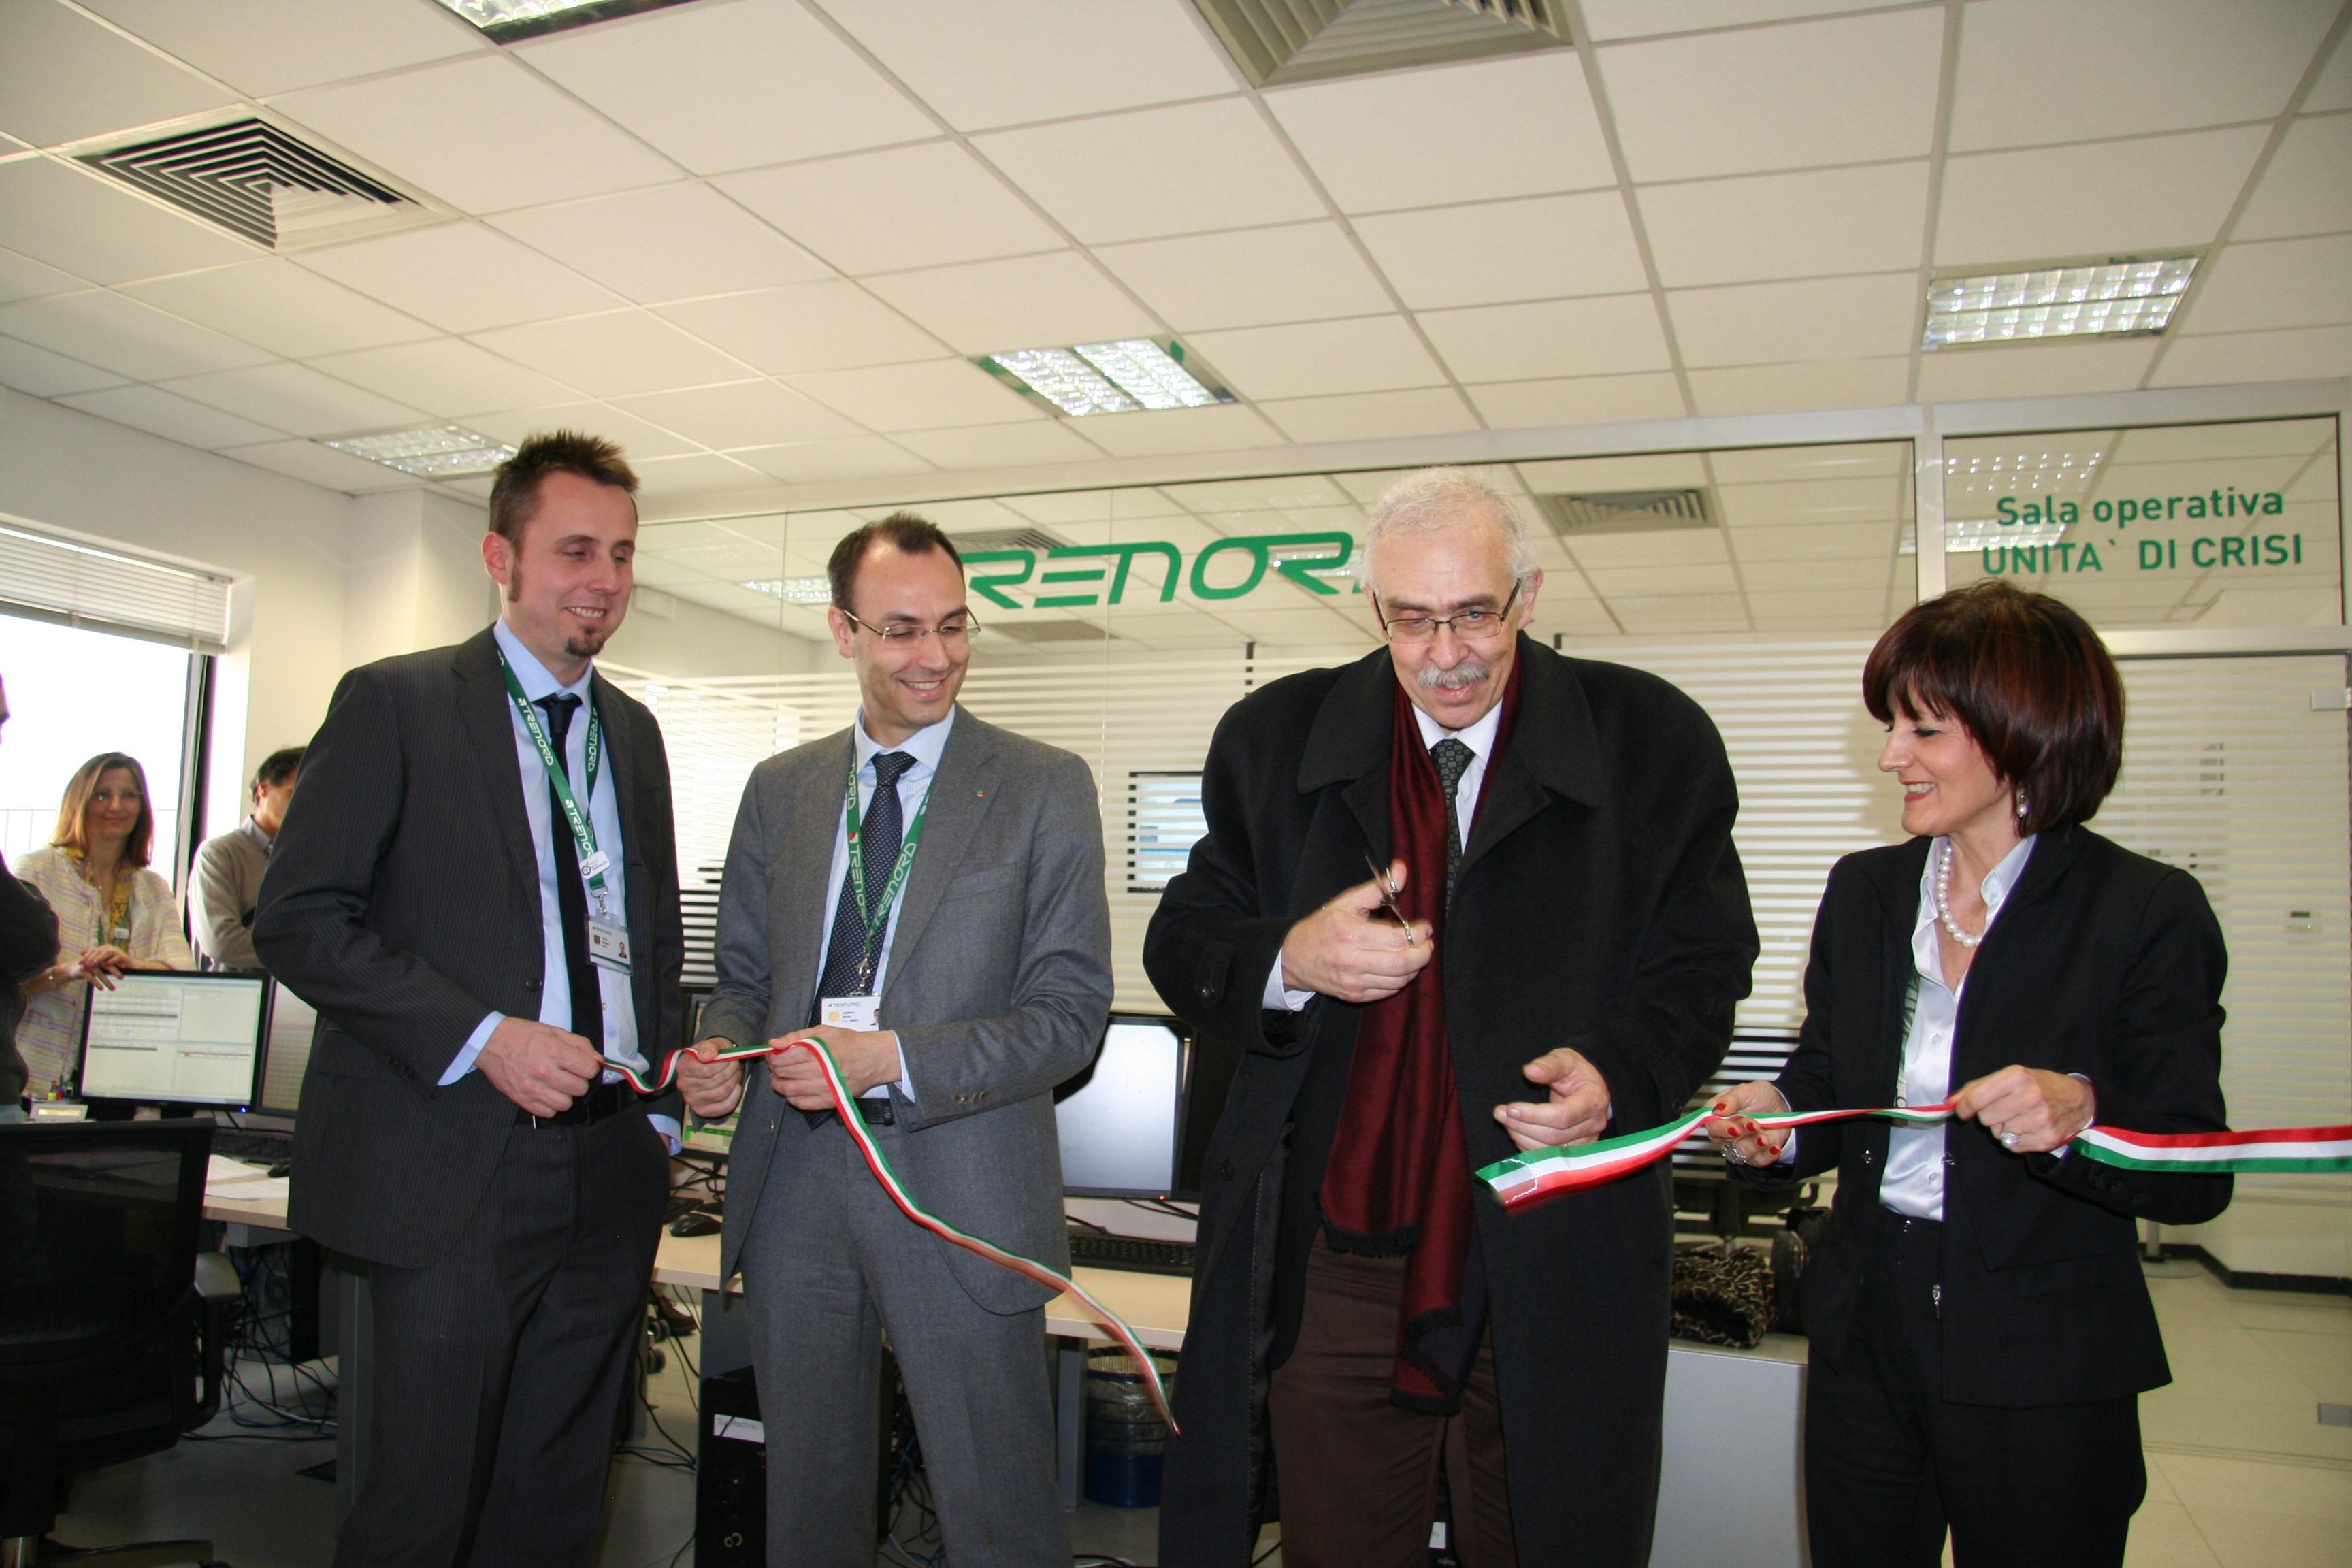 Da sinistra: Nicola Ruggieri responsabile Sala Operativa, Alberto Minoia direttore operativo di Trenord, Amedeo Gargiulo direttore dell' Agenzia Nazionale della Sicurezza Ferroviaria (ANSF) e Cinzia Farisé amministratore delegato di Trenord - Foto Trenord